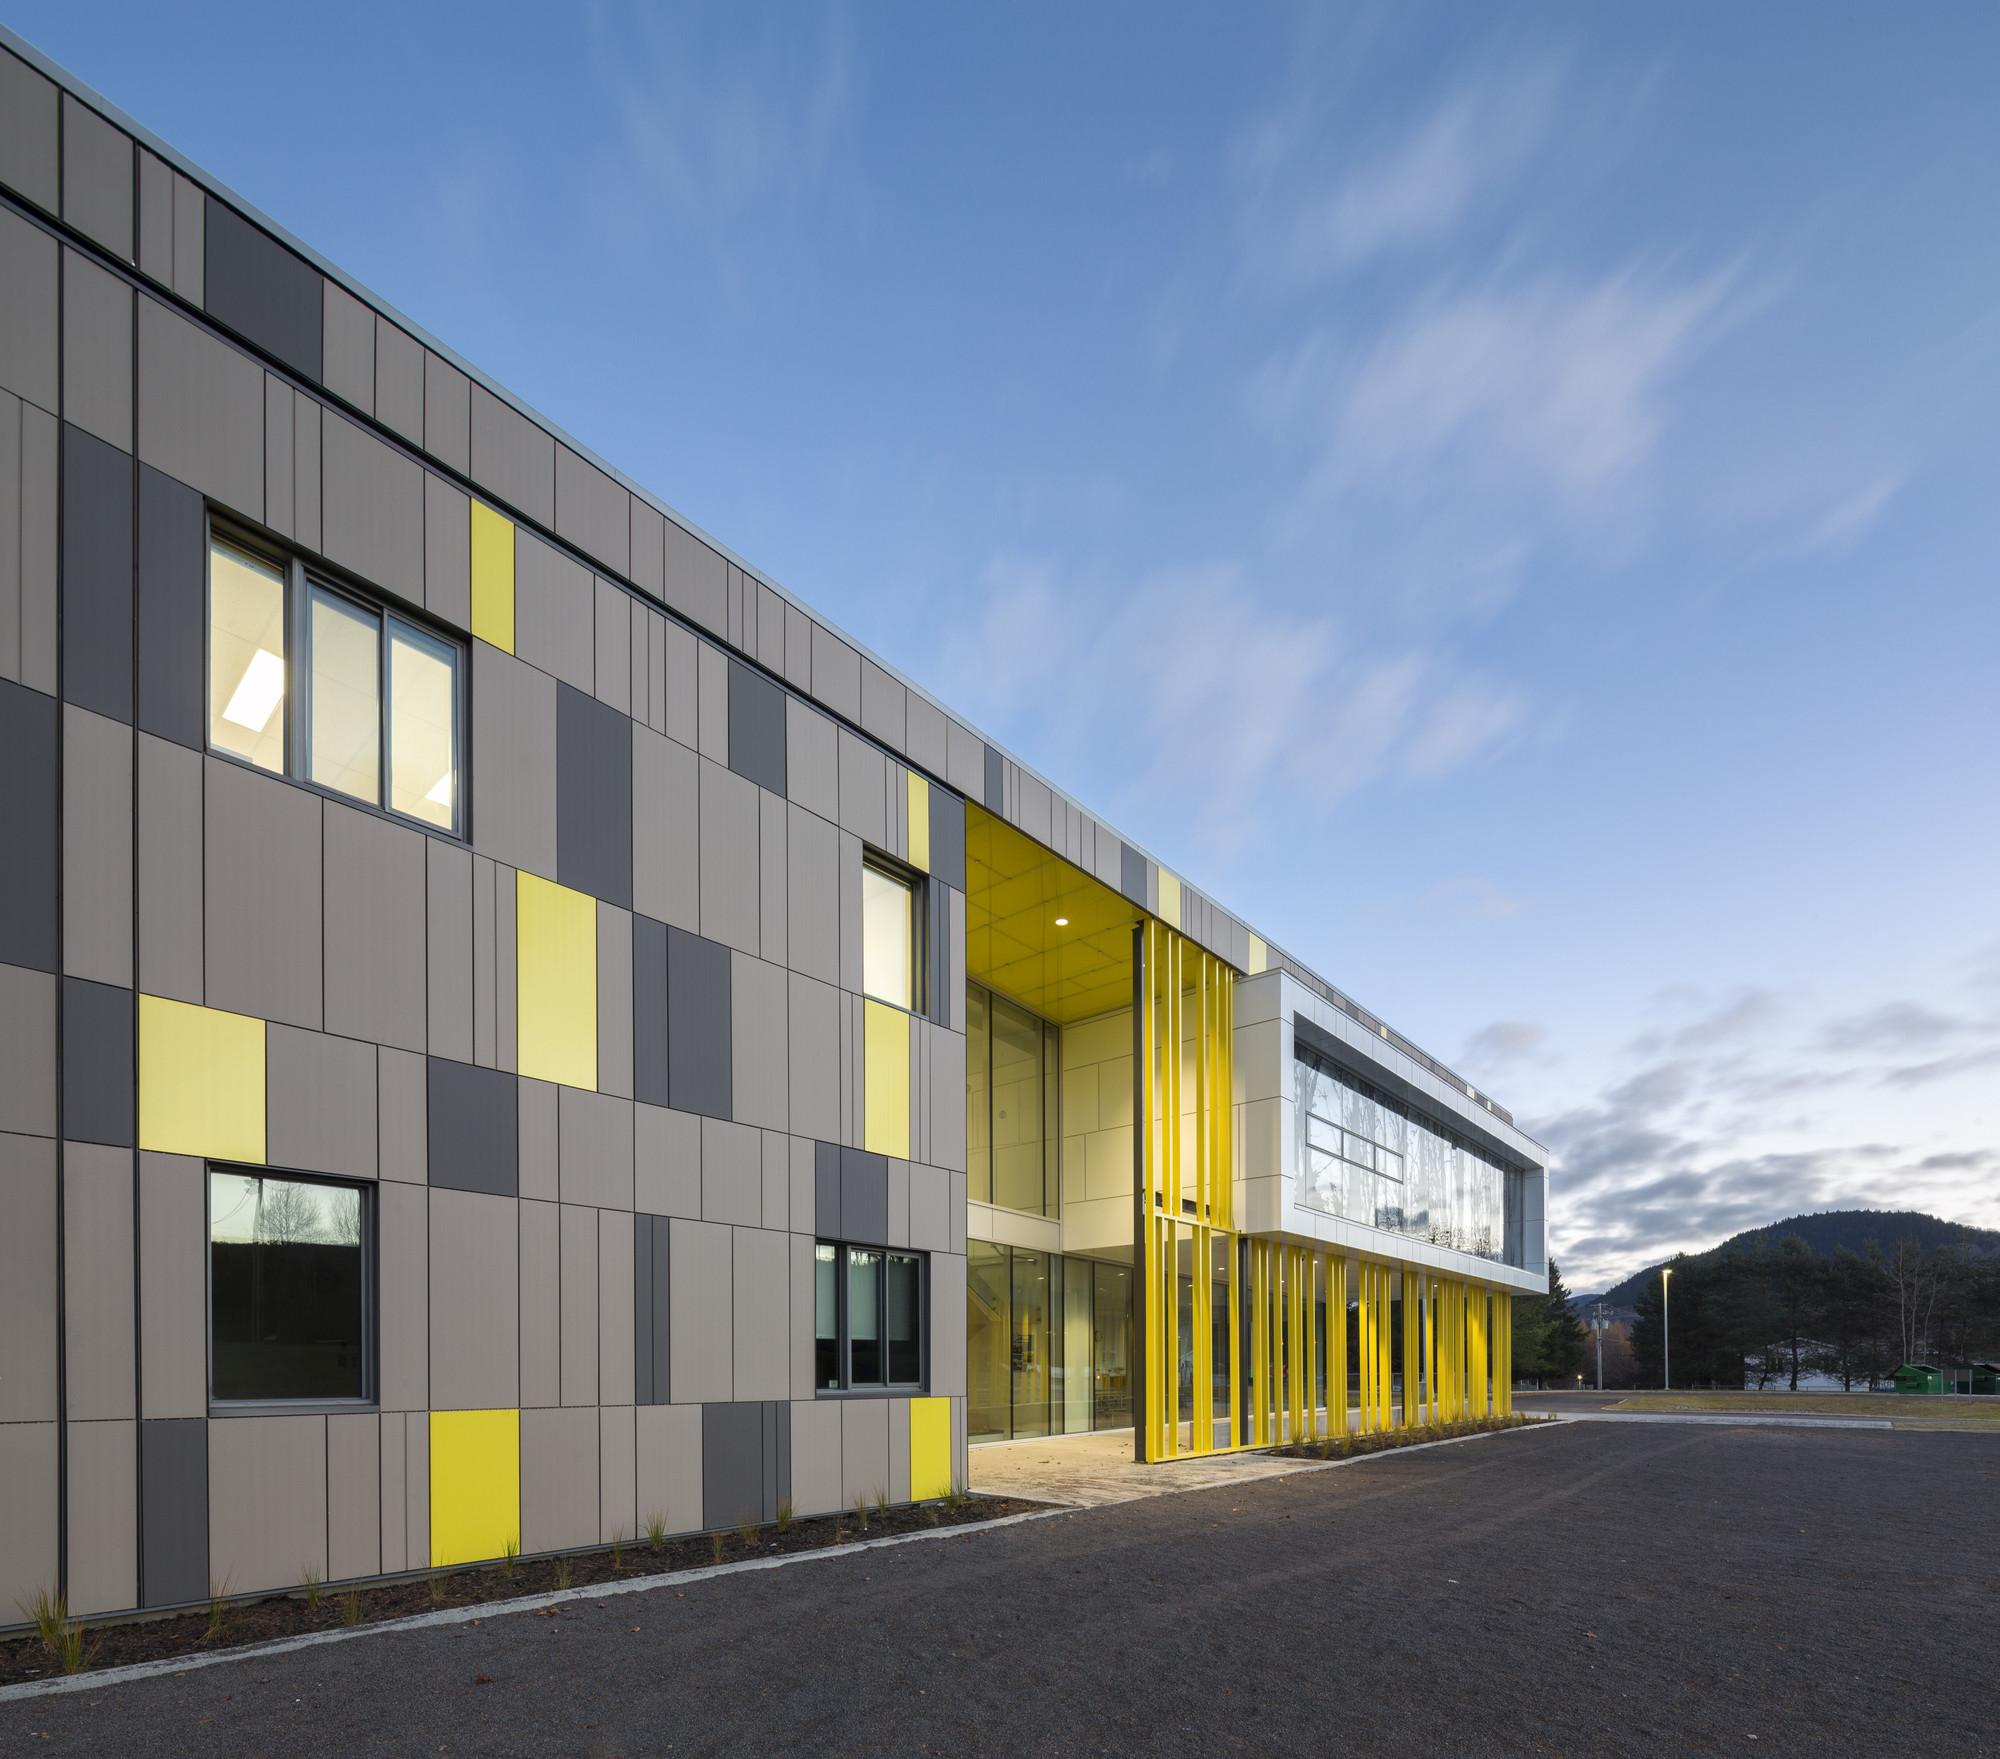 Harfang-Des-Neiges Primary School / CCM2 Architectes + Onico Architecture, © Stéphane Groleau